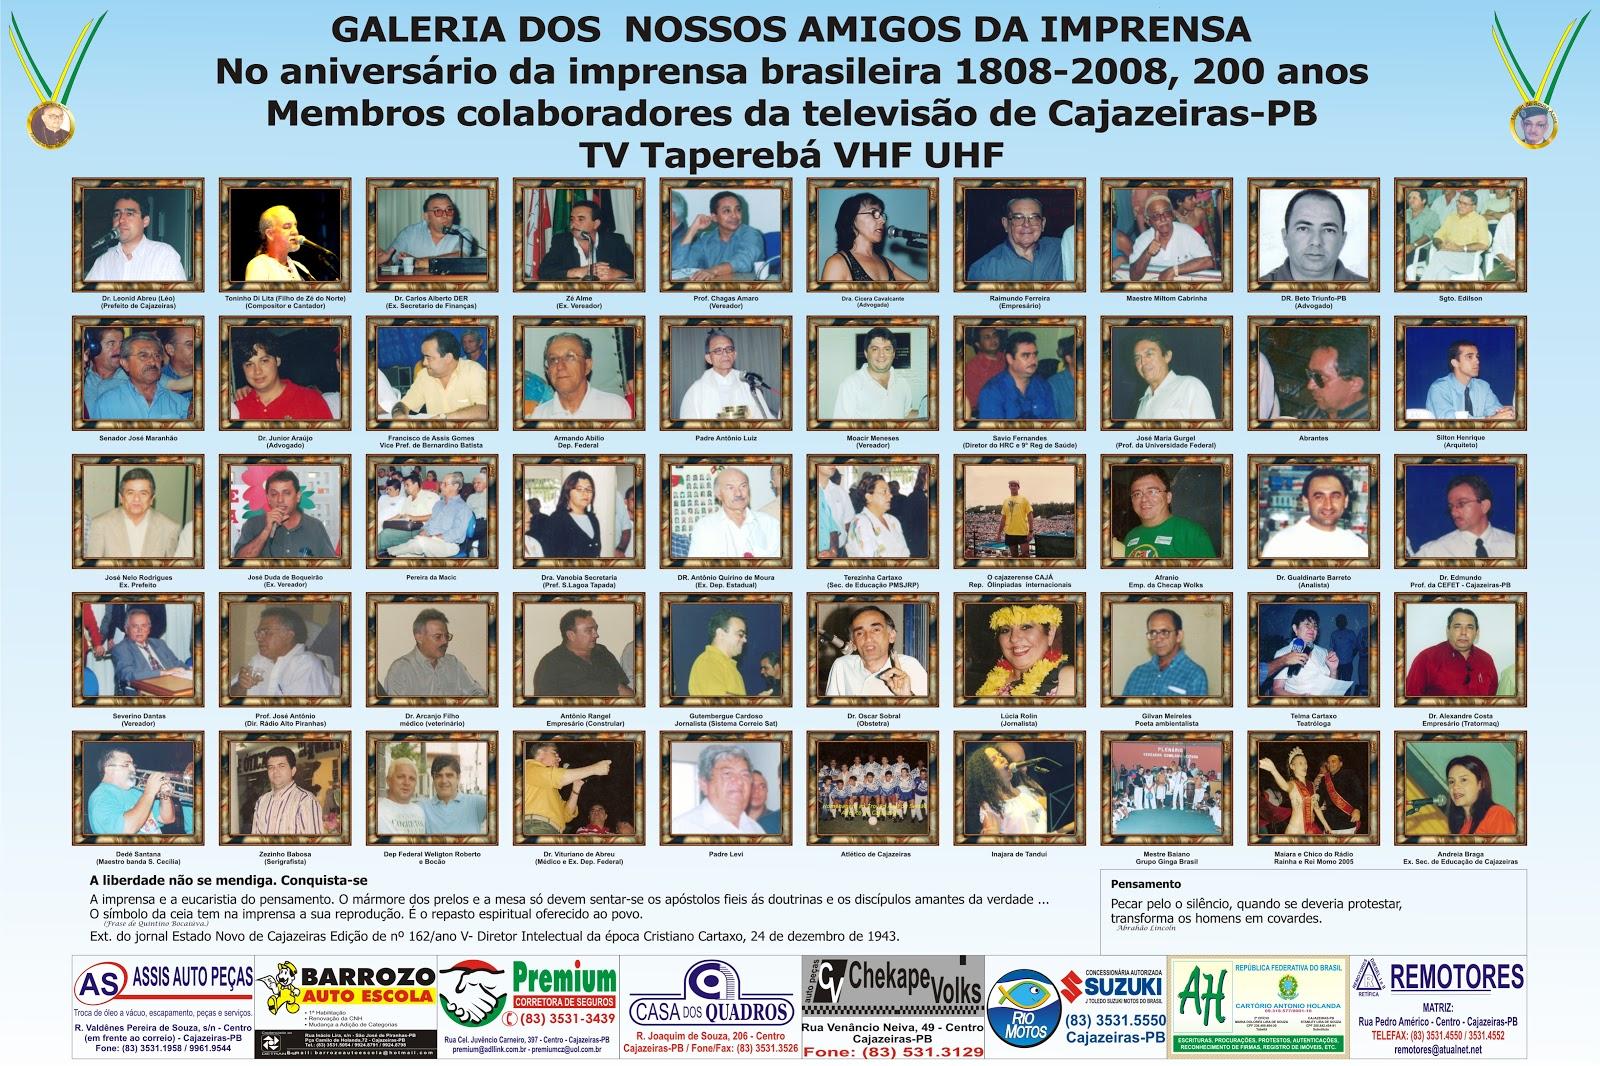 COMEMORAÇÃO  DOS  2006  ANOS  DA  IMPRENSA  DO  BRASIL